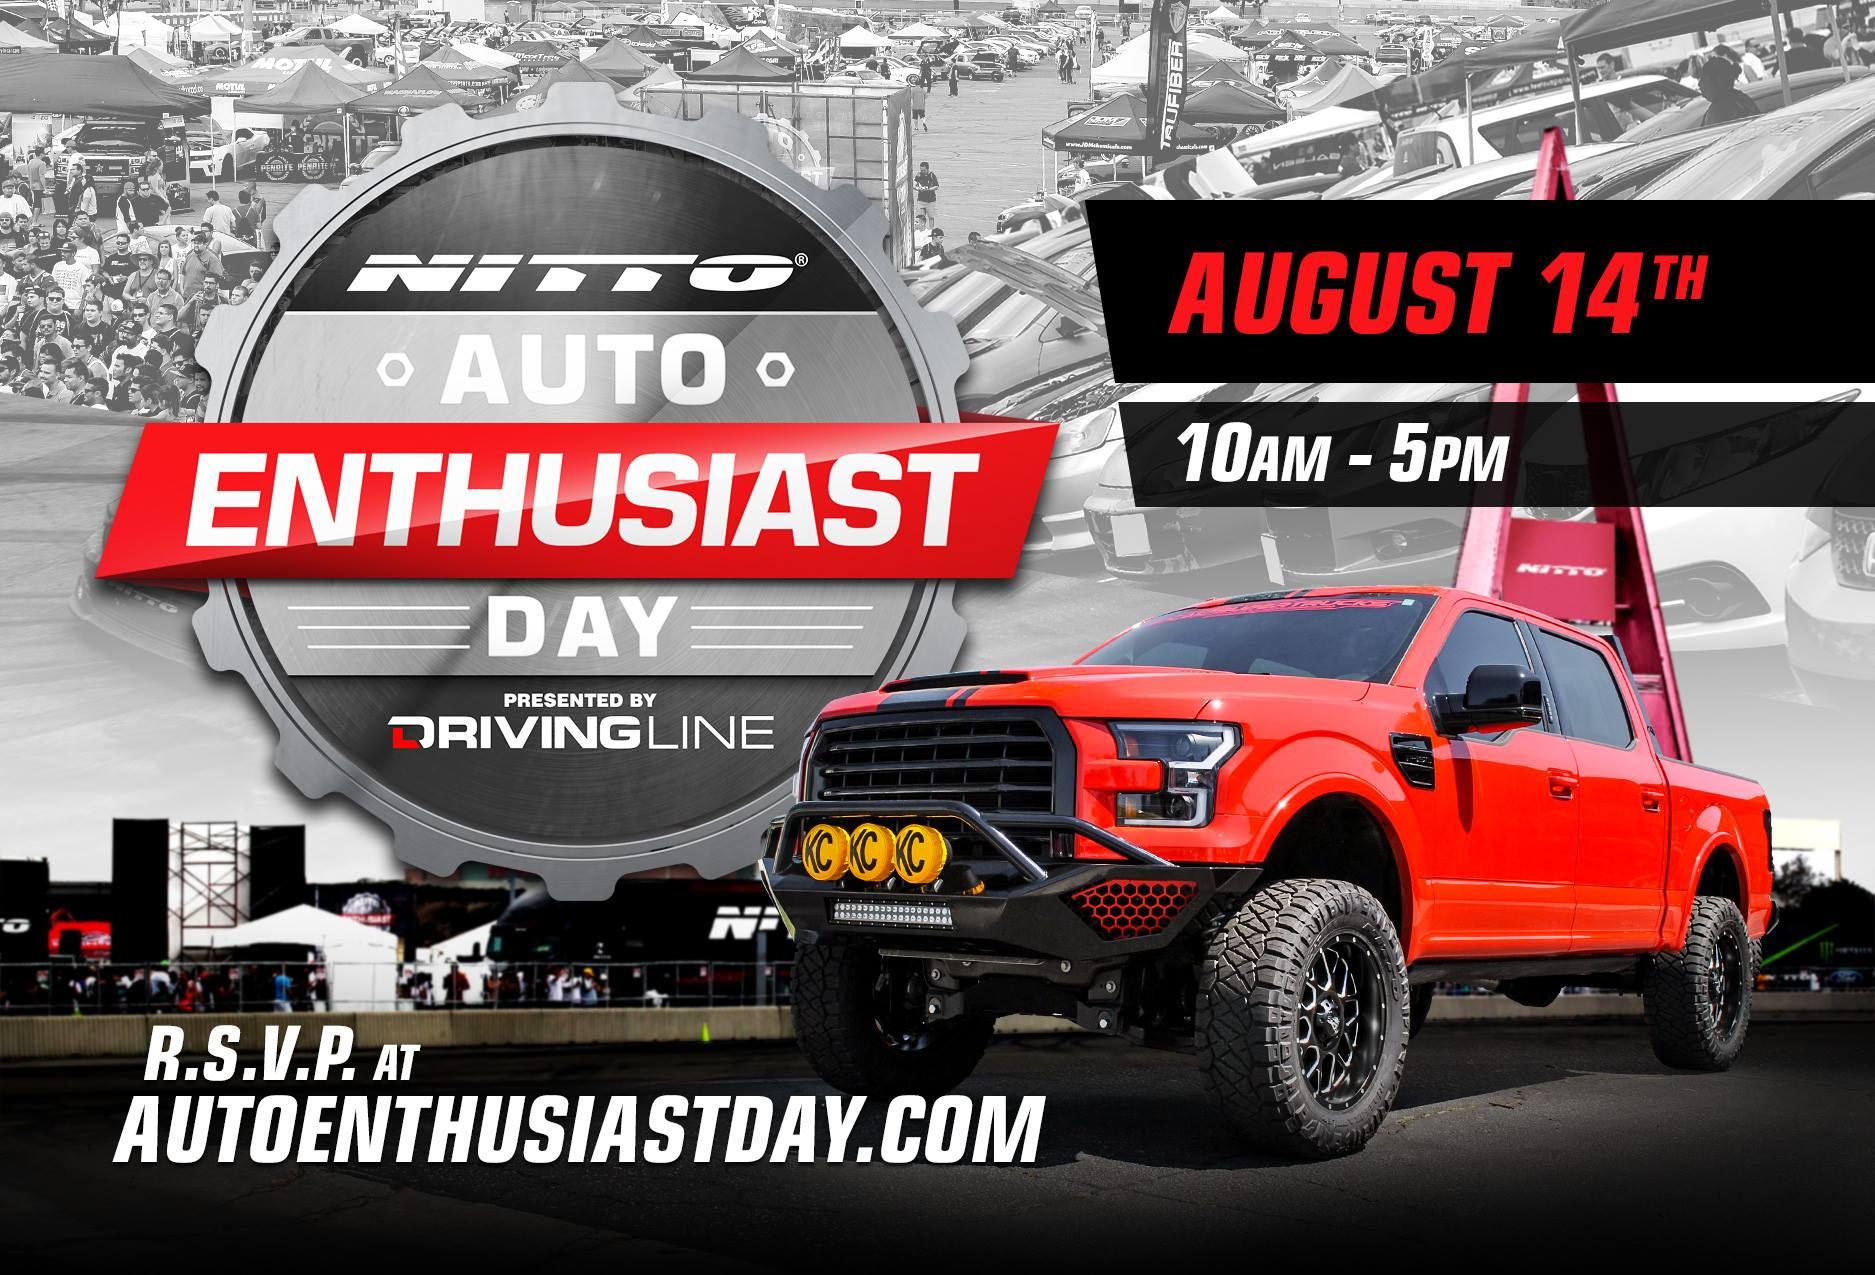 Nitto Auto Enthusiast Day 2016